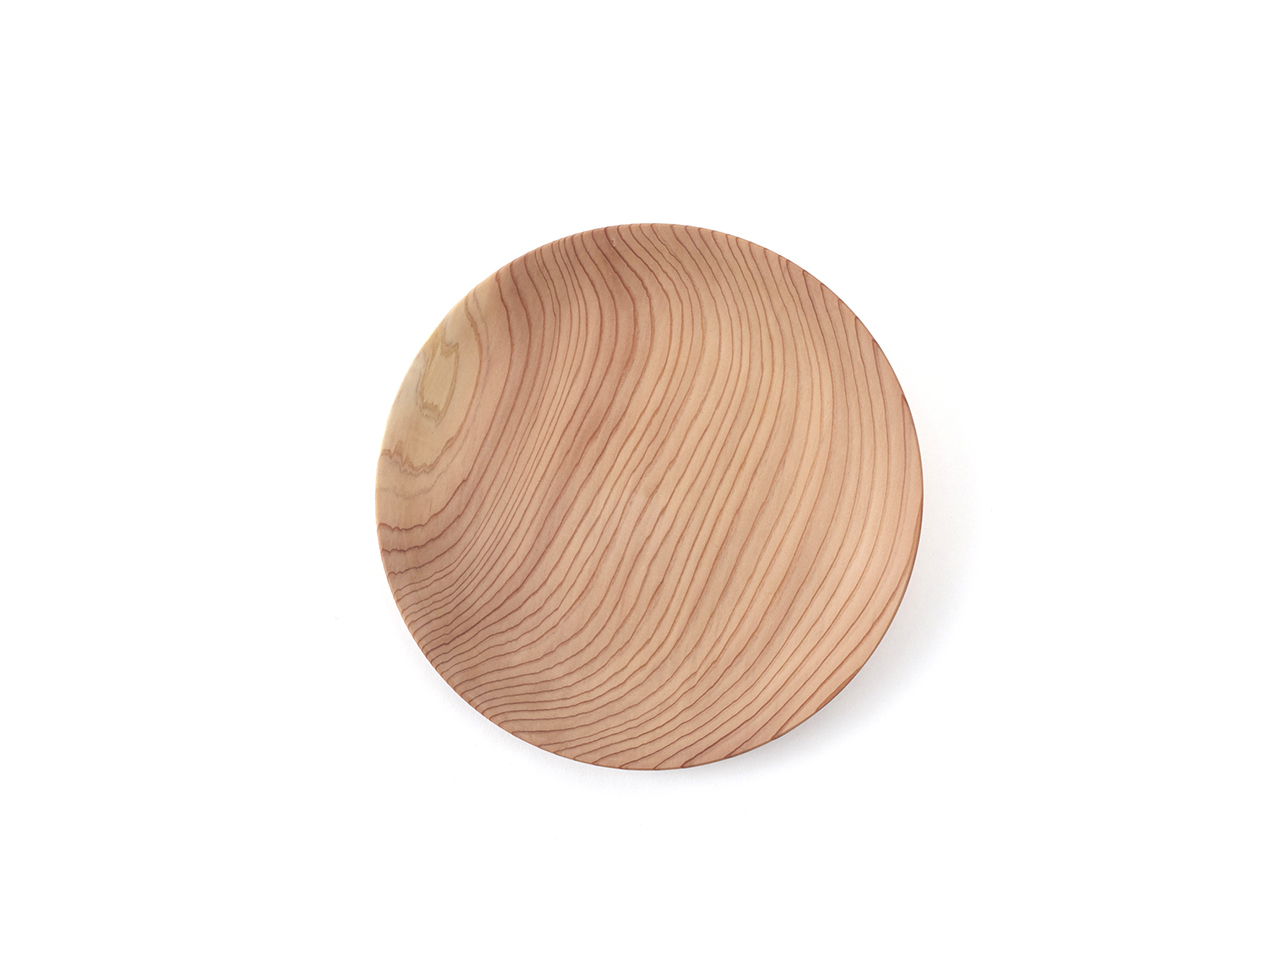 佐藤木材容器|KACOMI 18cm 6寸